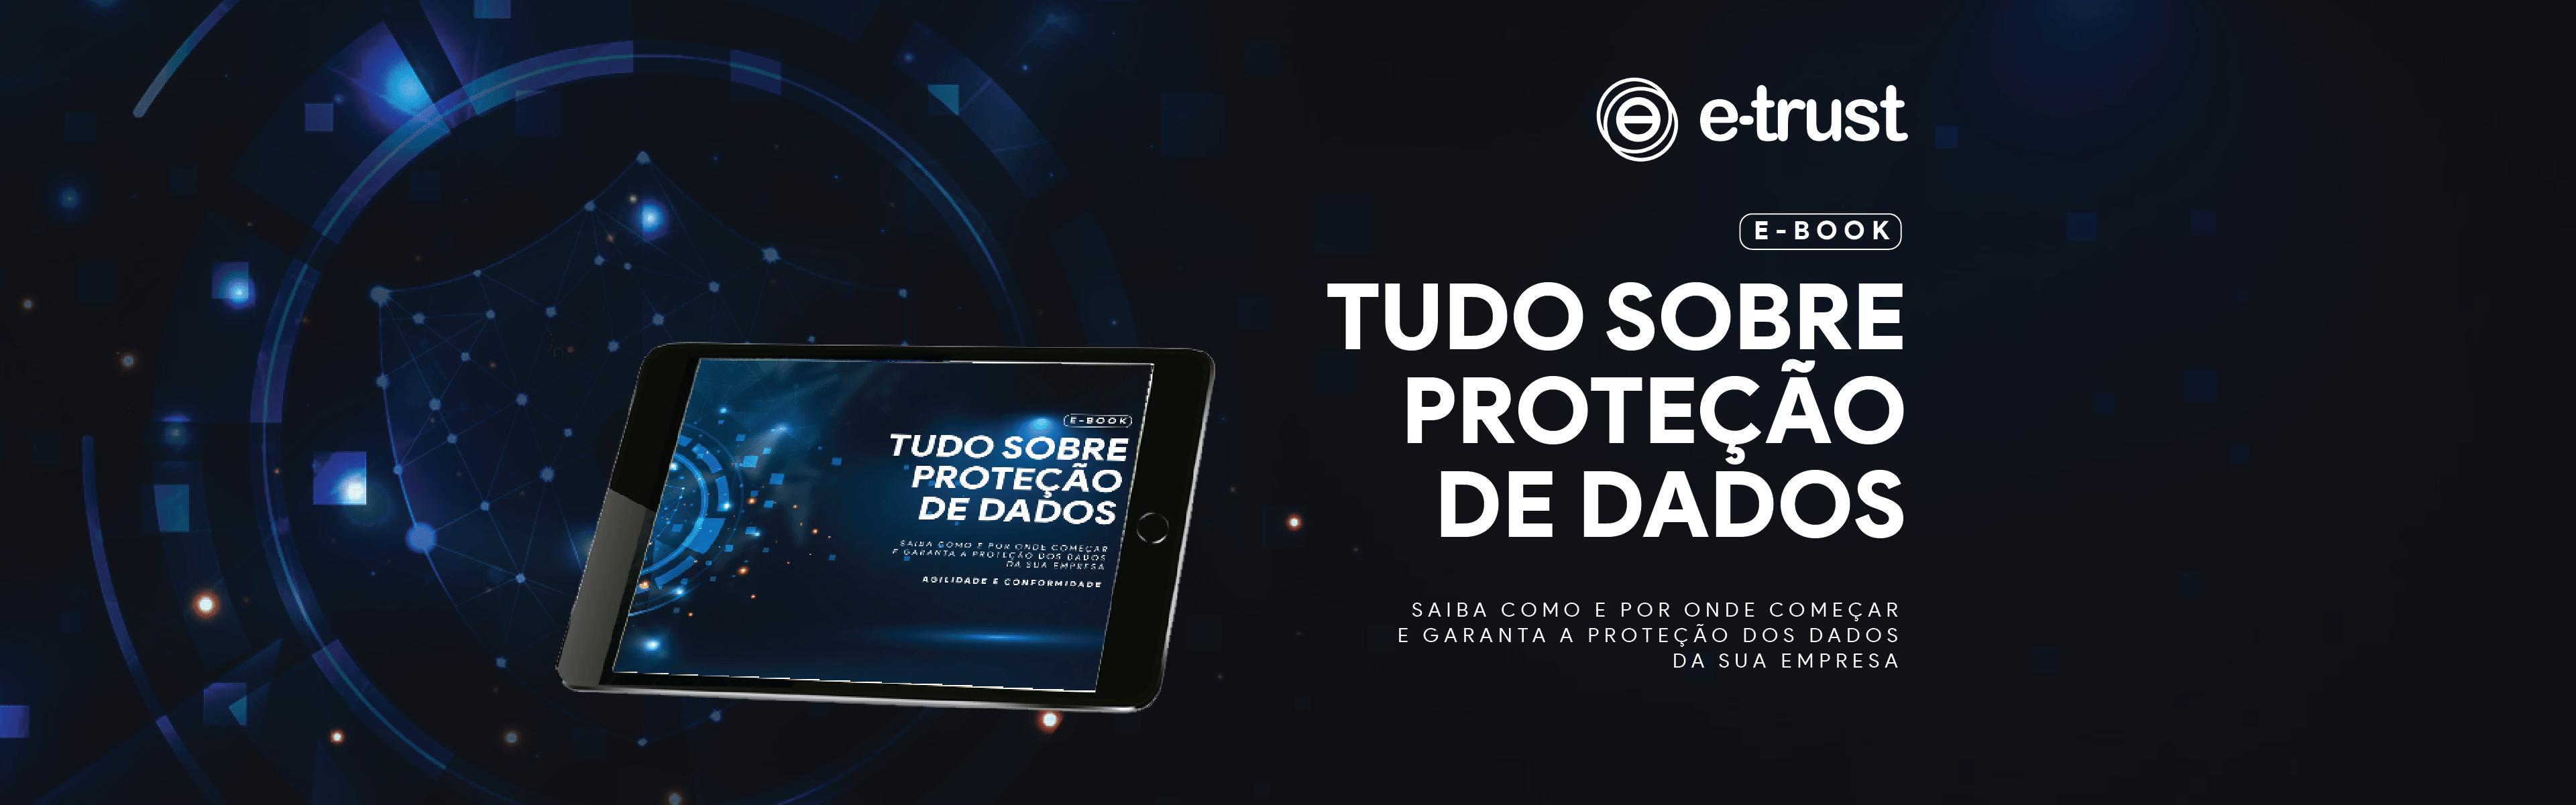 banenr ebook Tudo sobre proteção de dados